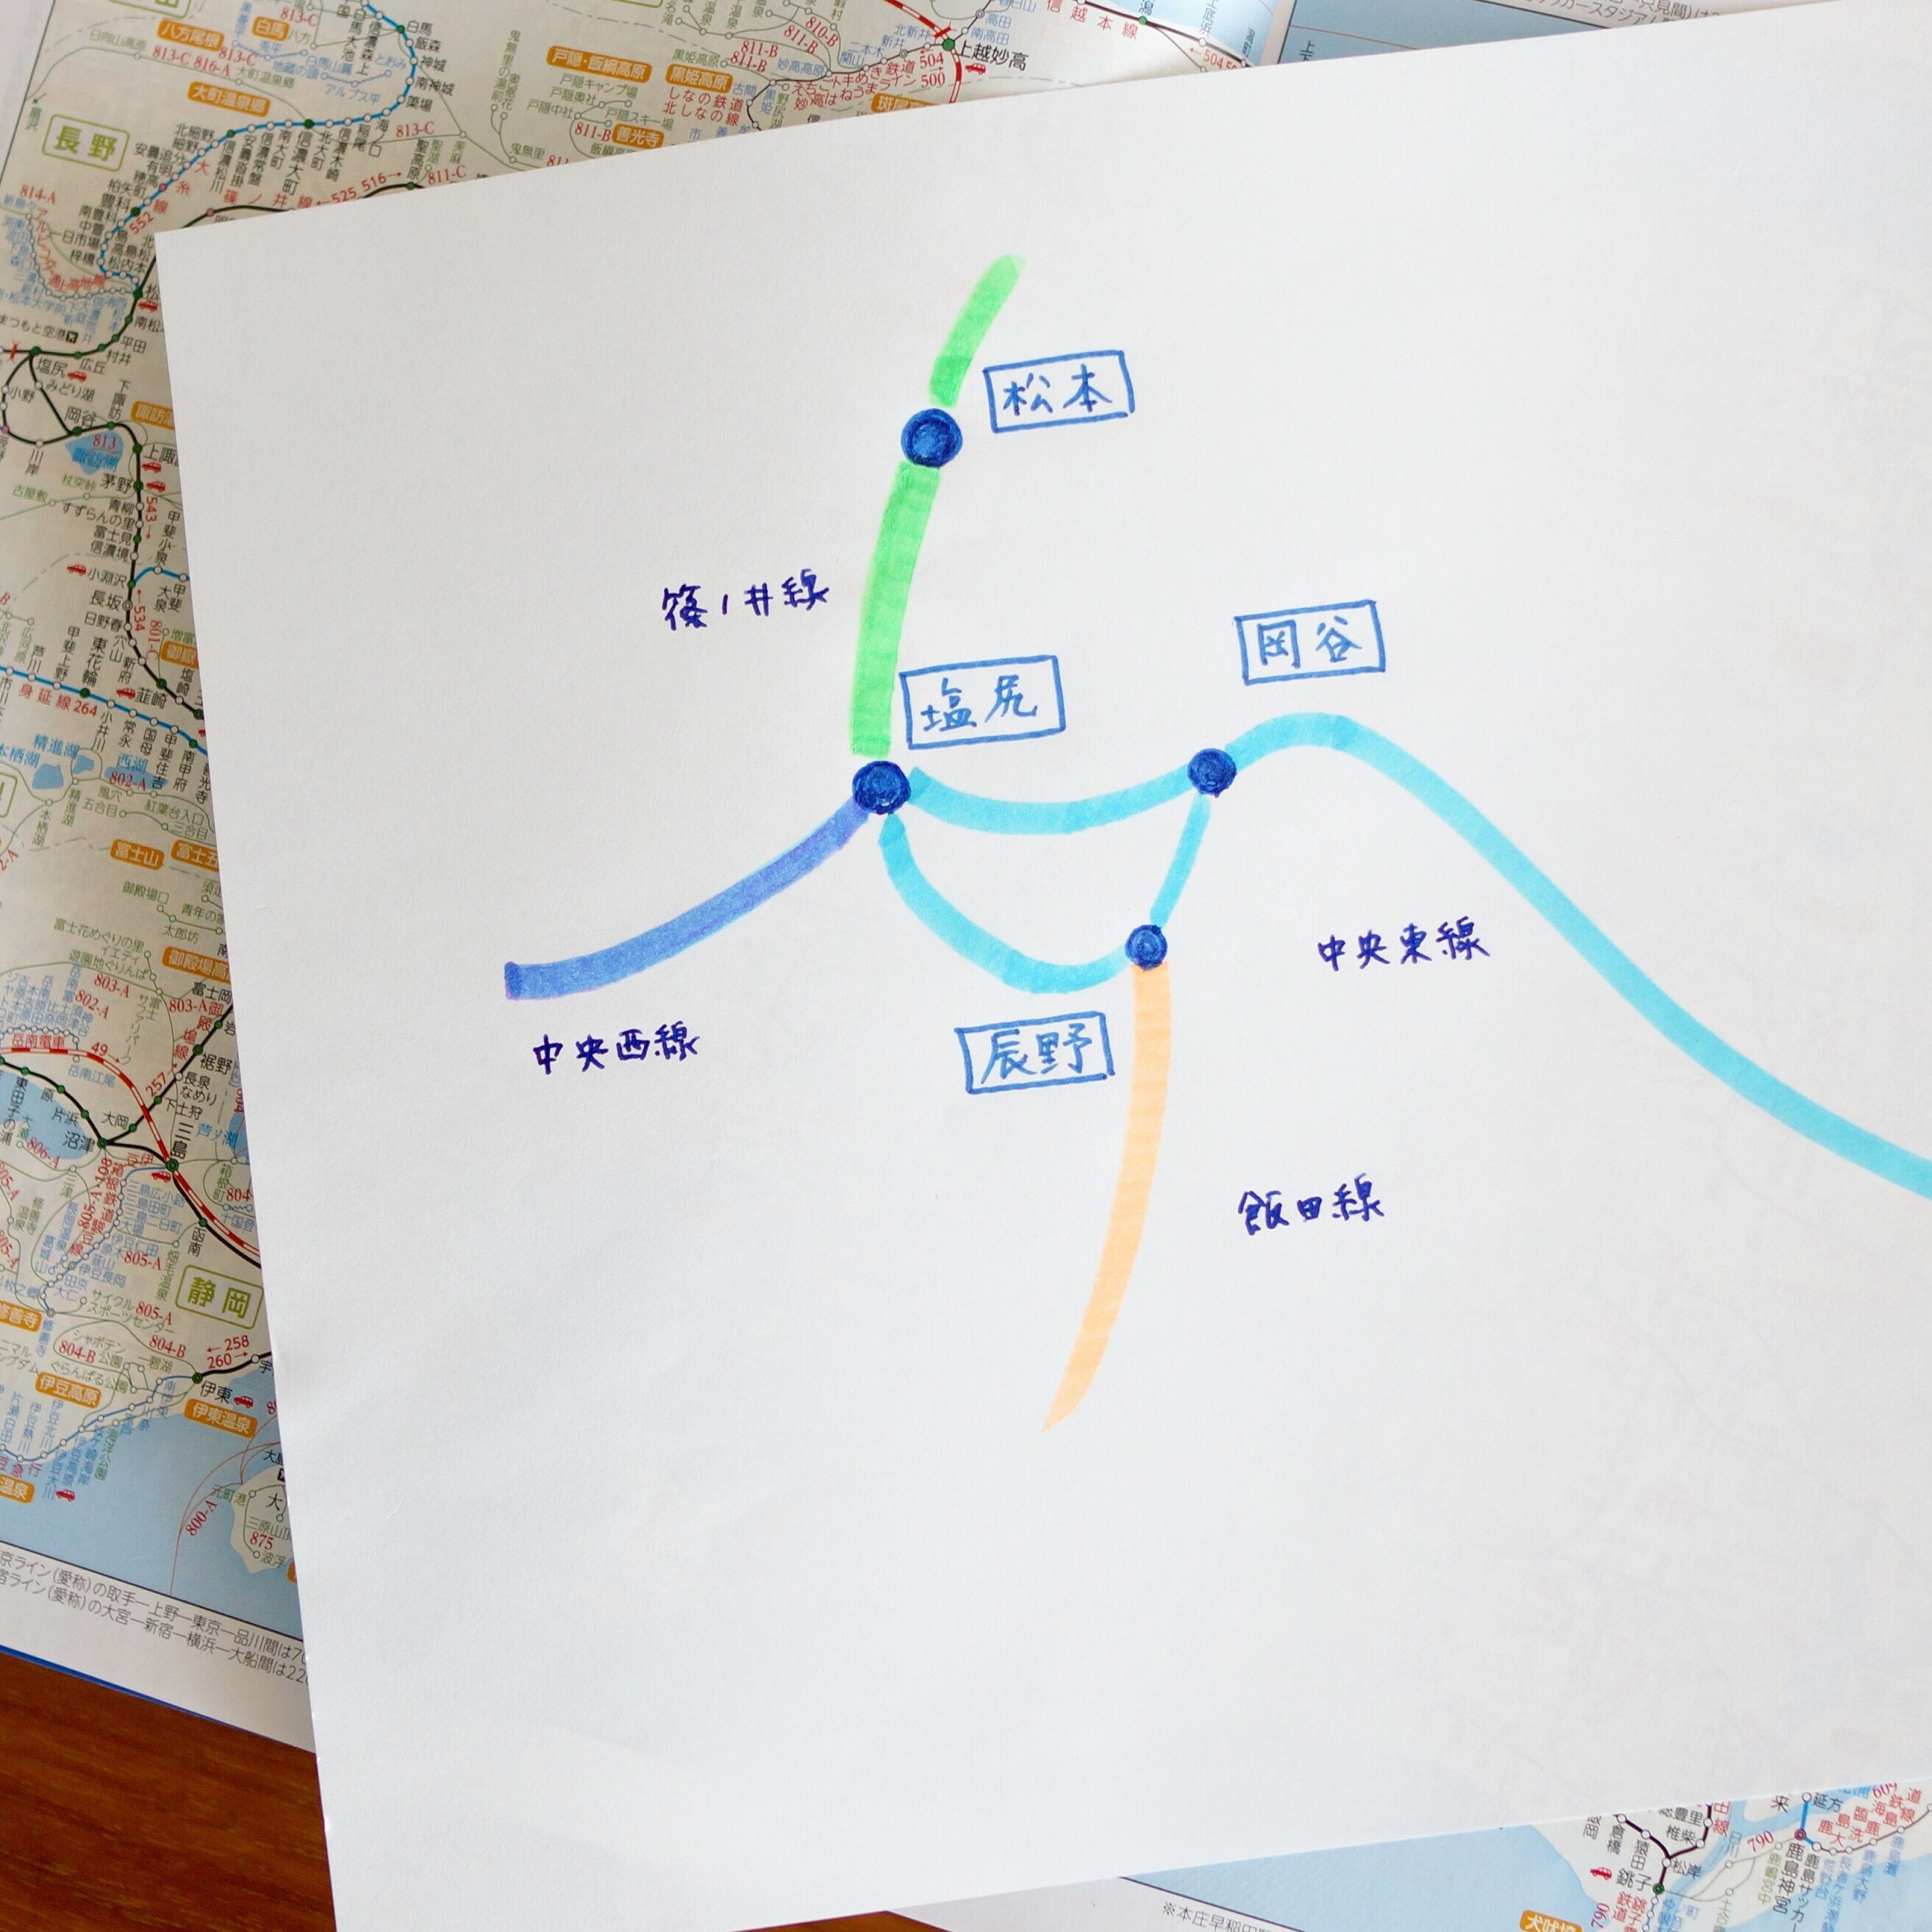 篠ノ井線の手前、中央線の謎な線形